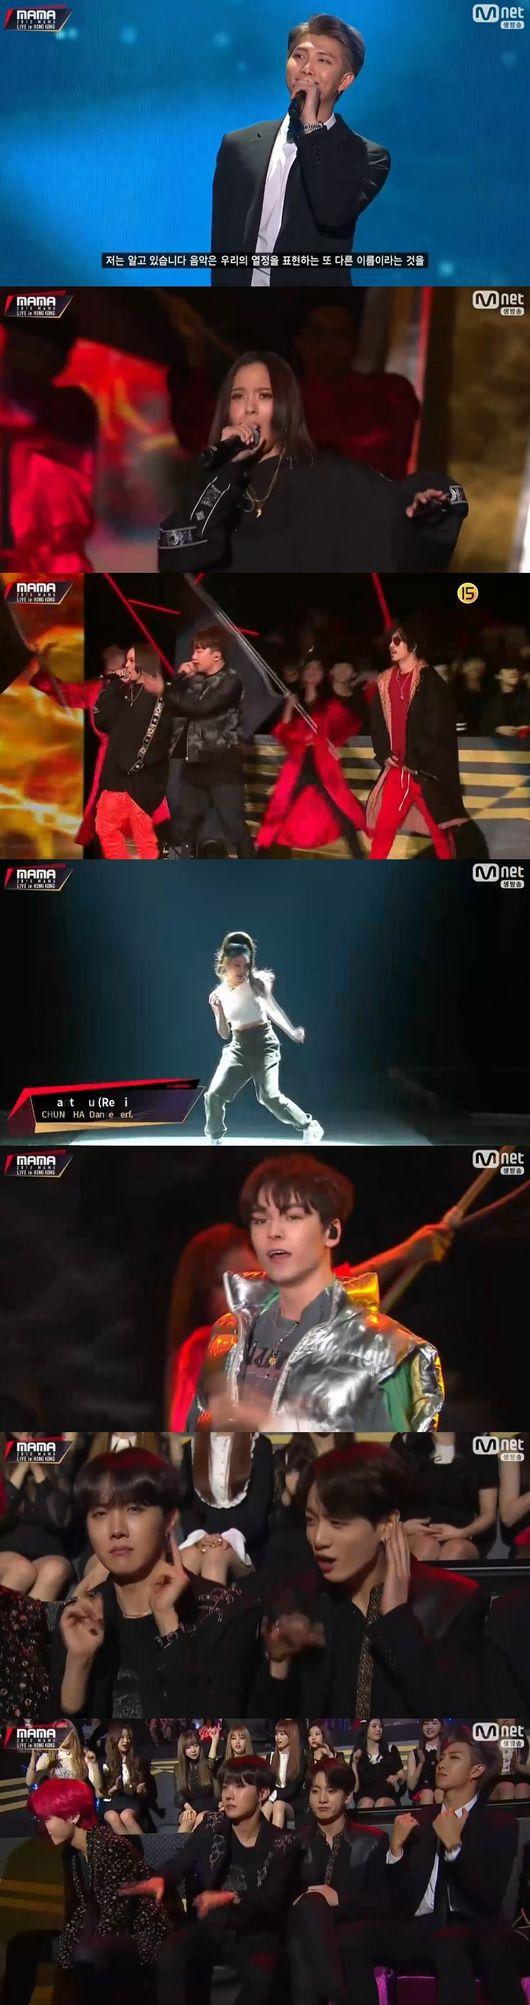 타이거JK·윤미래, 뜨거운 힙합으로 오프닝..방탄 RM 열광[2018 마마 홍콩]